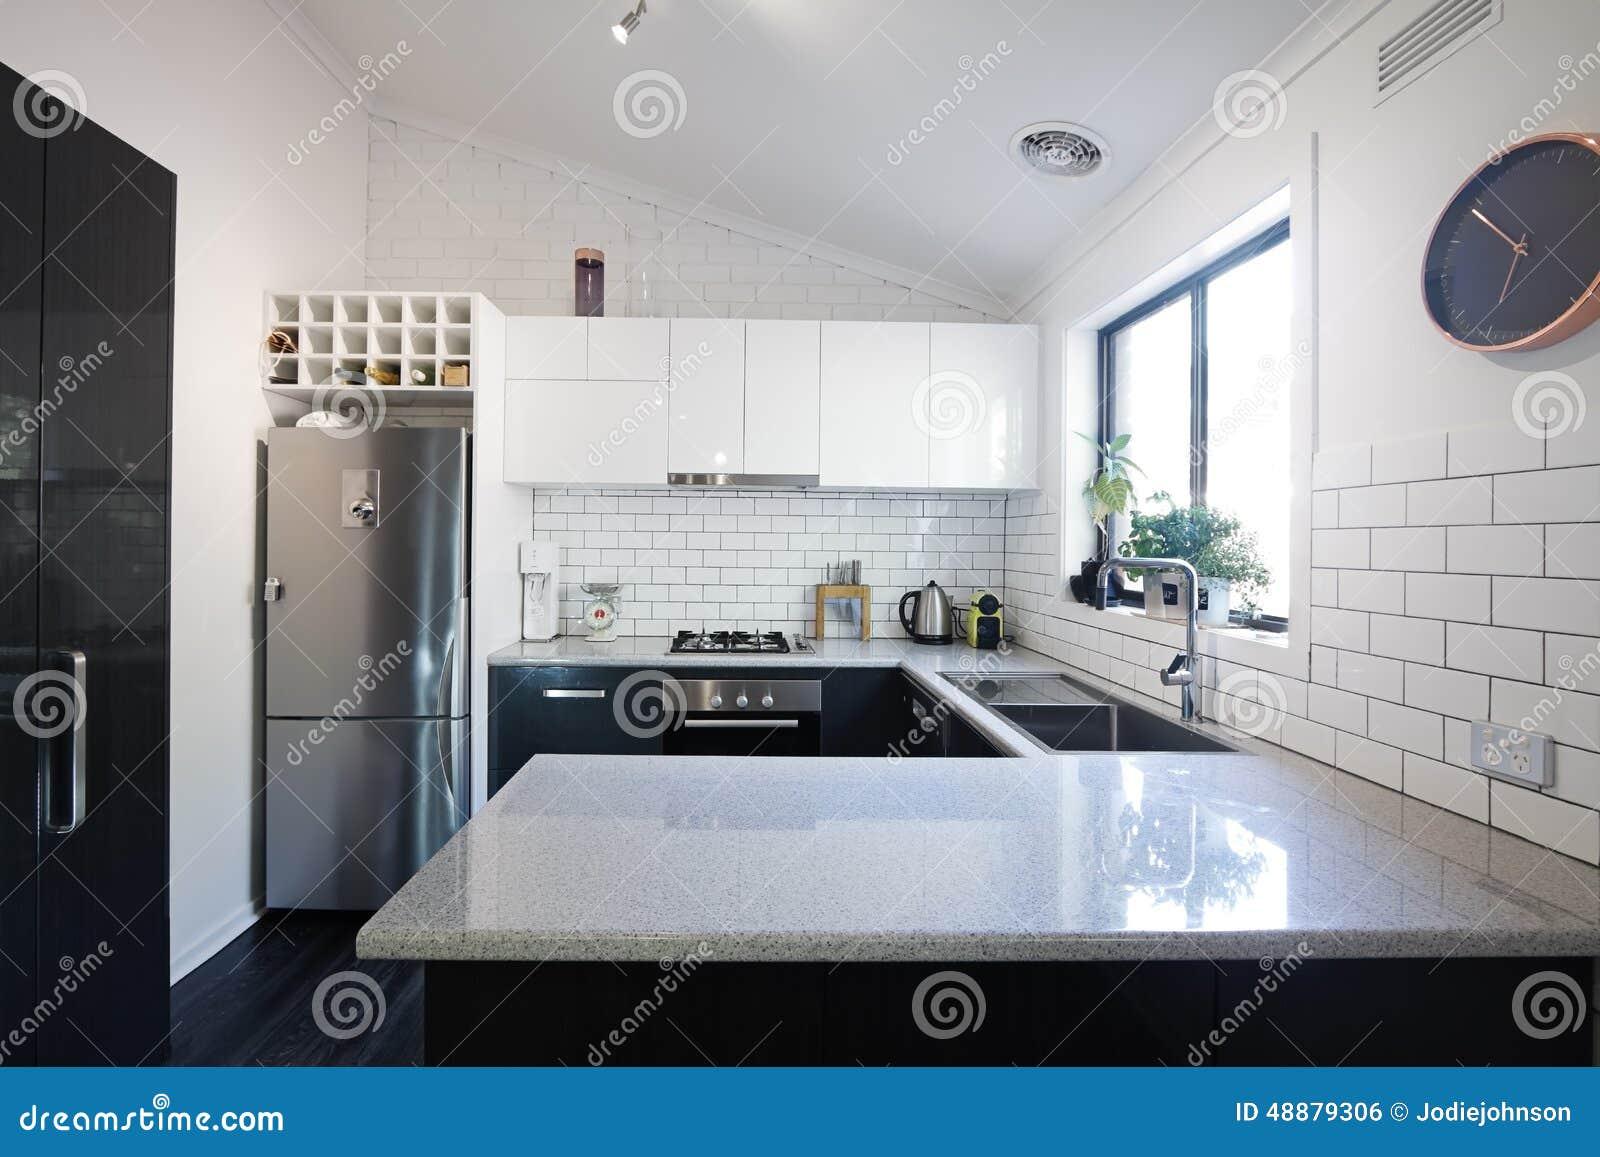 Nieuwe zwart witte eigentijdse keuken met metrotegels stock foto